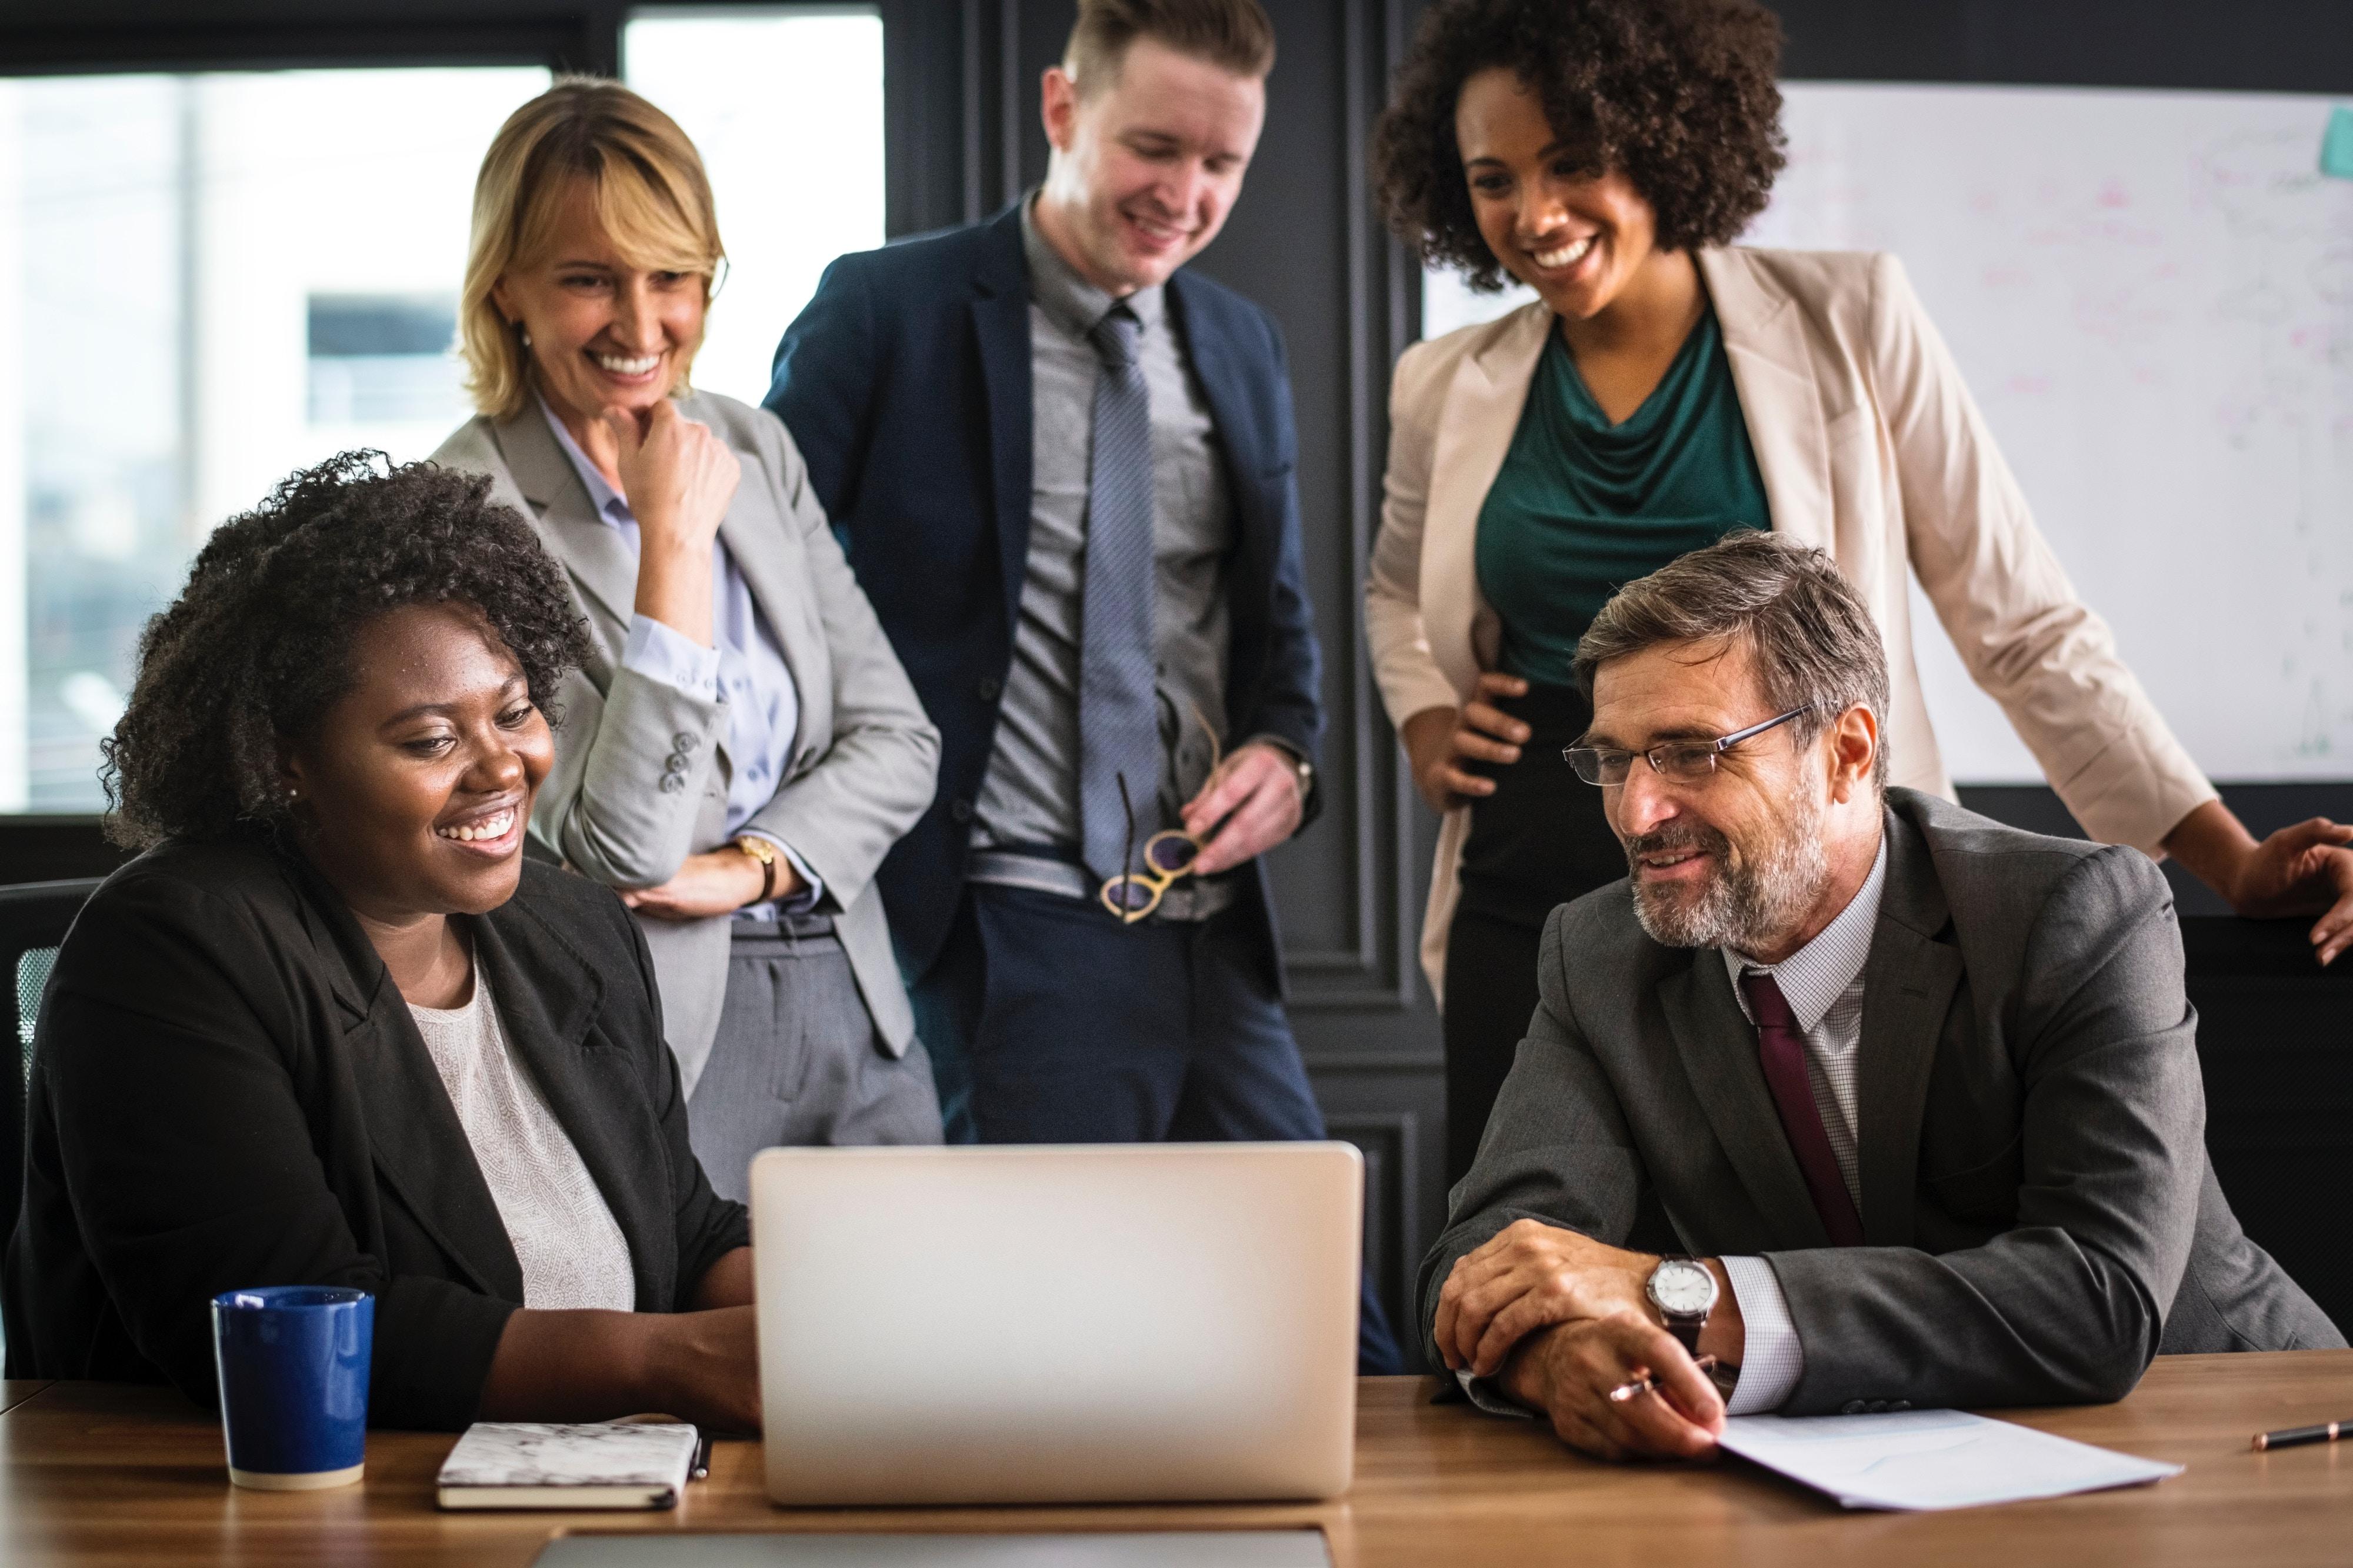 Ayudas a la contratación - Finutive